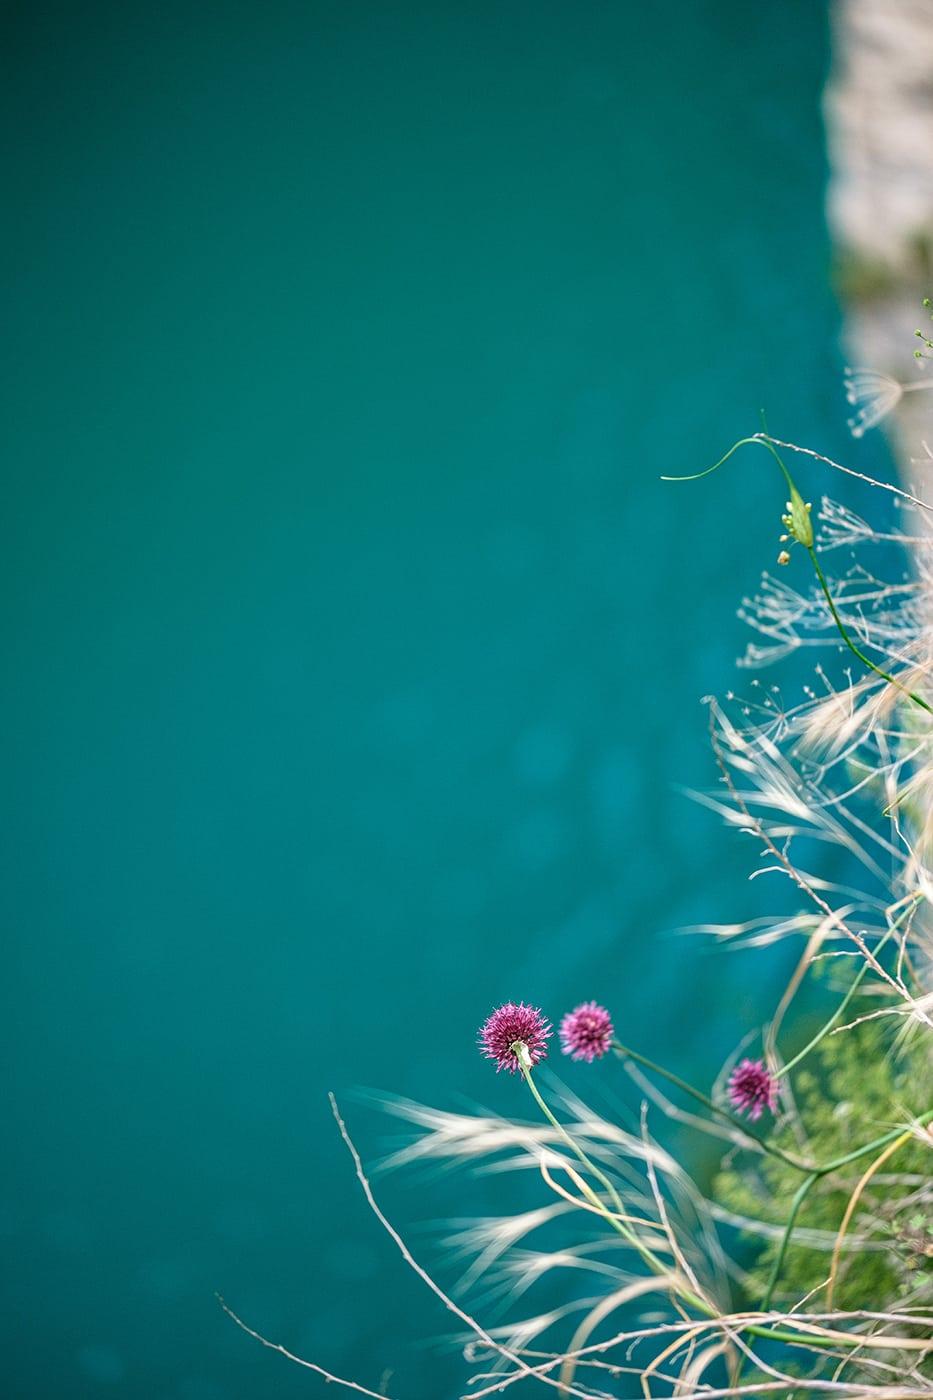 Fleur au congost de mont rebei en espagne blog de voyage